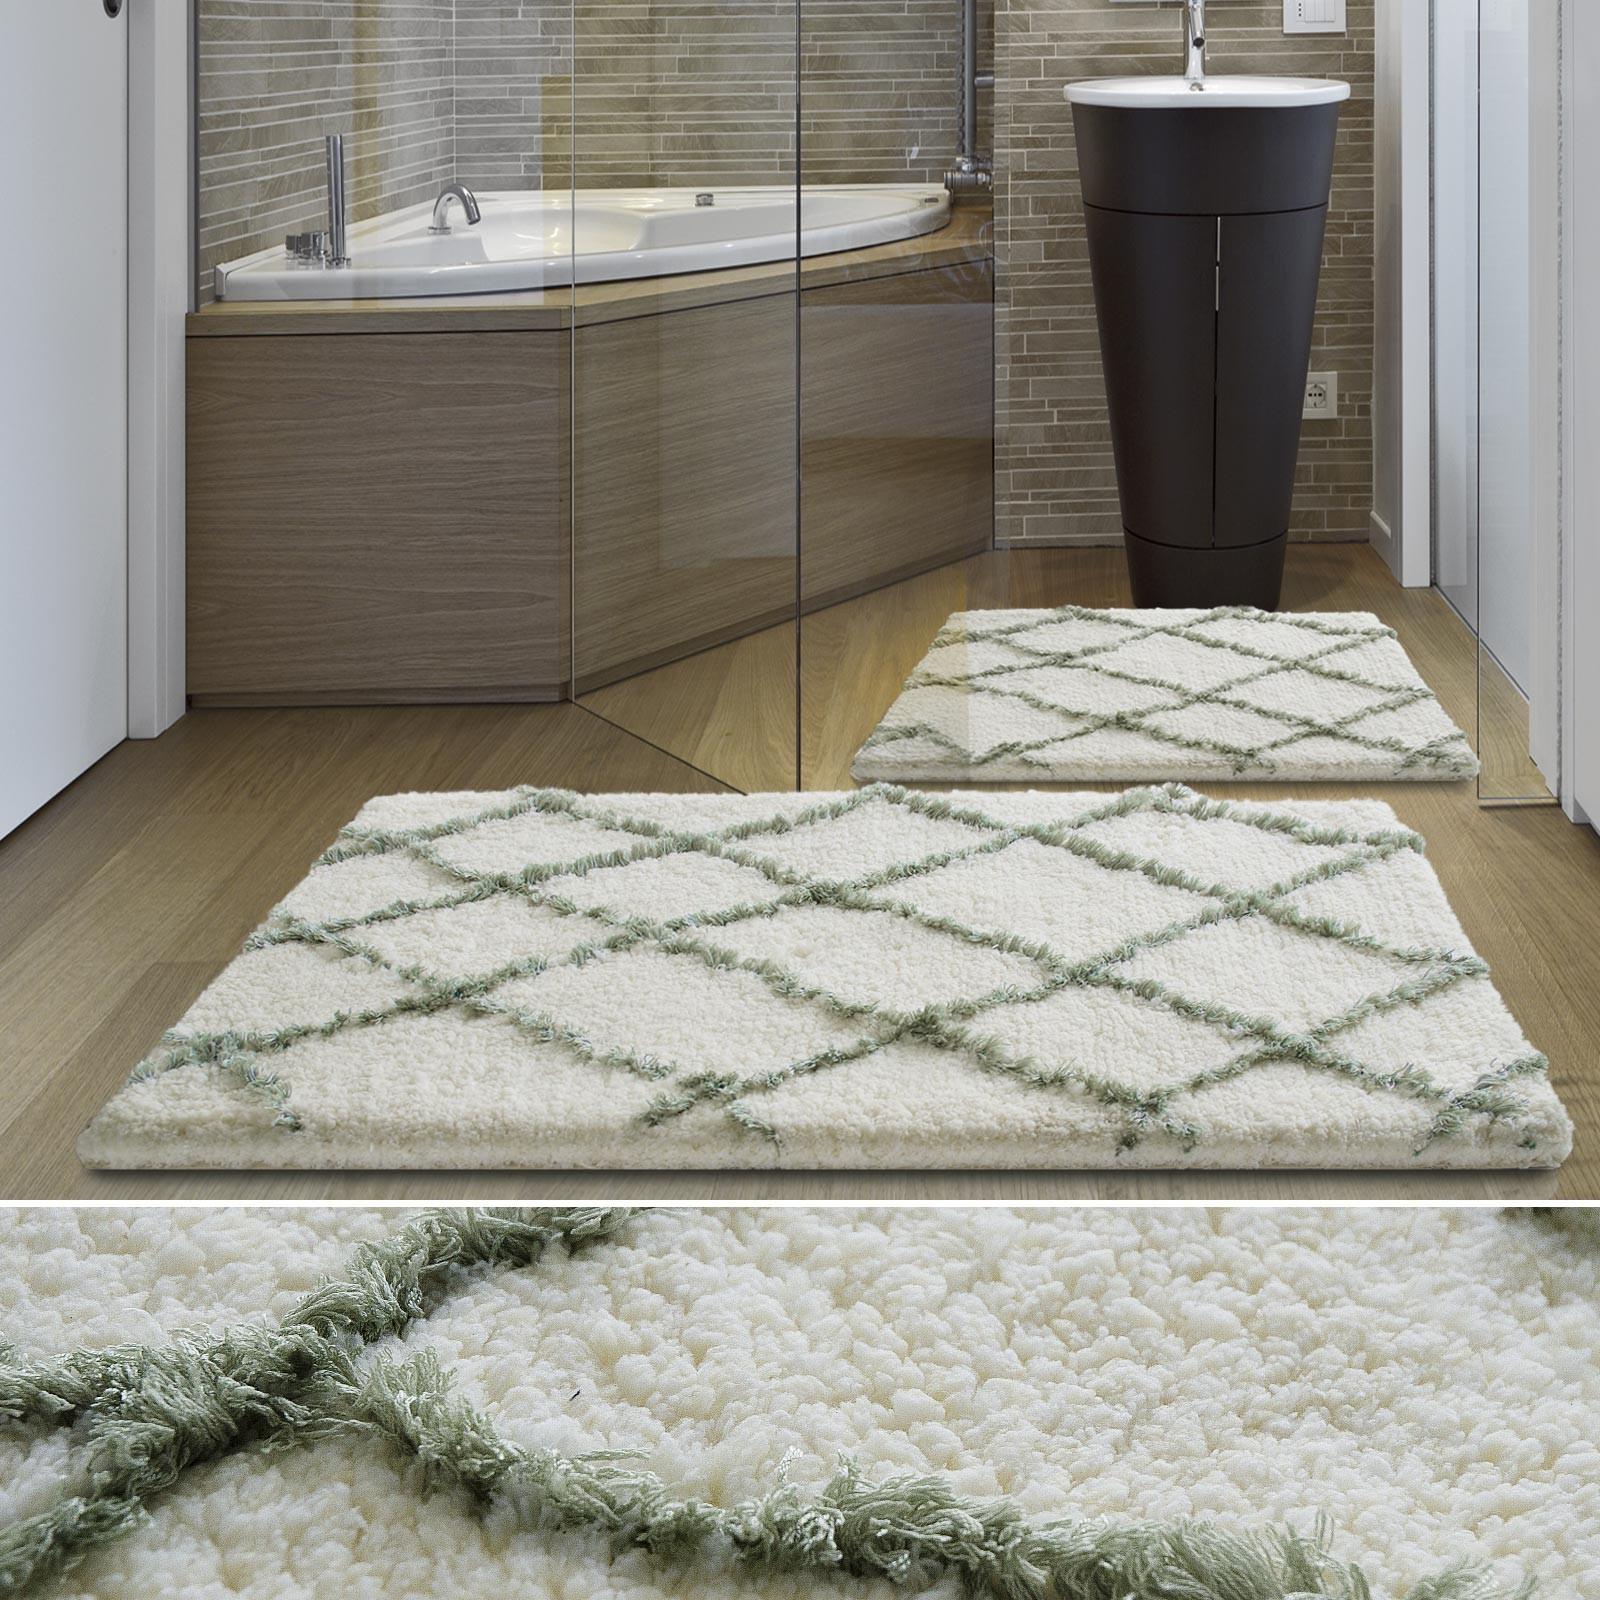 Casa Pura Tapis Beau Image Unique Salon Sans Tapis Sailkartingcom - Carrelage salle de bain et tapis casa pura